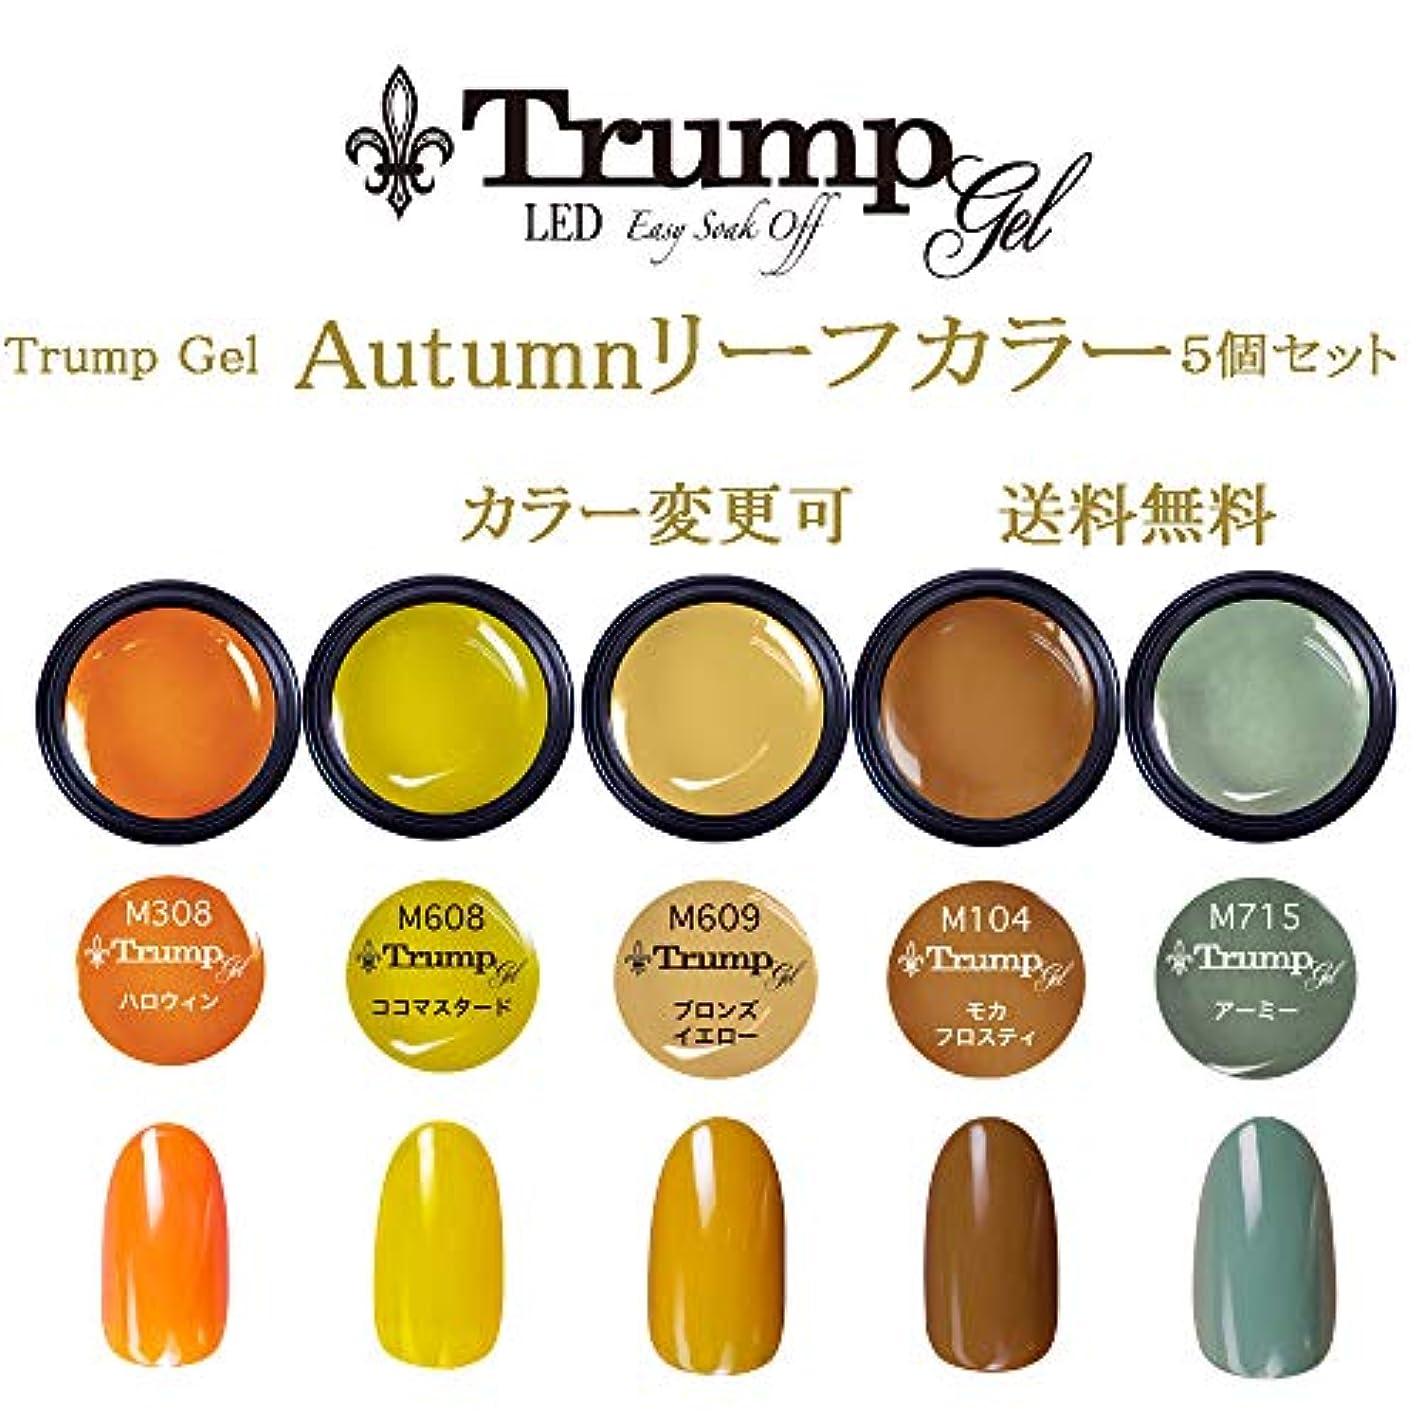 自体モザイク忠誠【送料無料】日本製 Trump gel トランプジェル オータムリーフカラー 選べる カラージェル 5個セット オータムネイル ベージュ ブラウン マスタード カラー